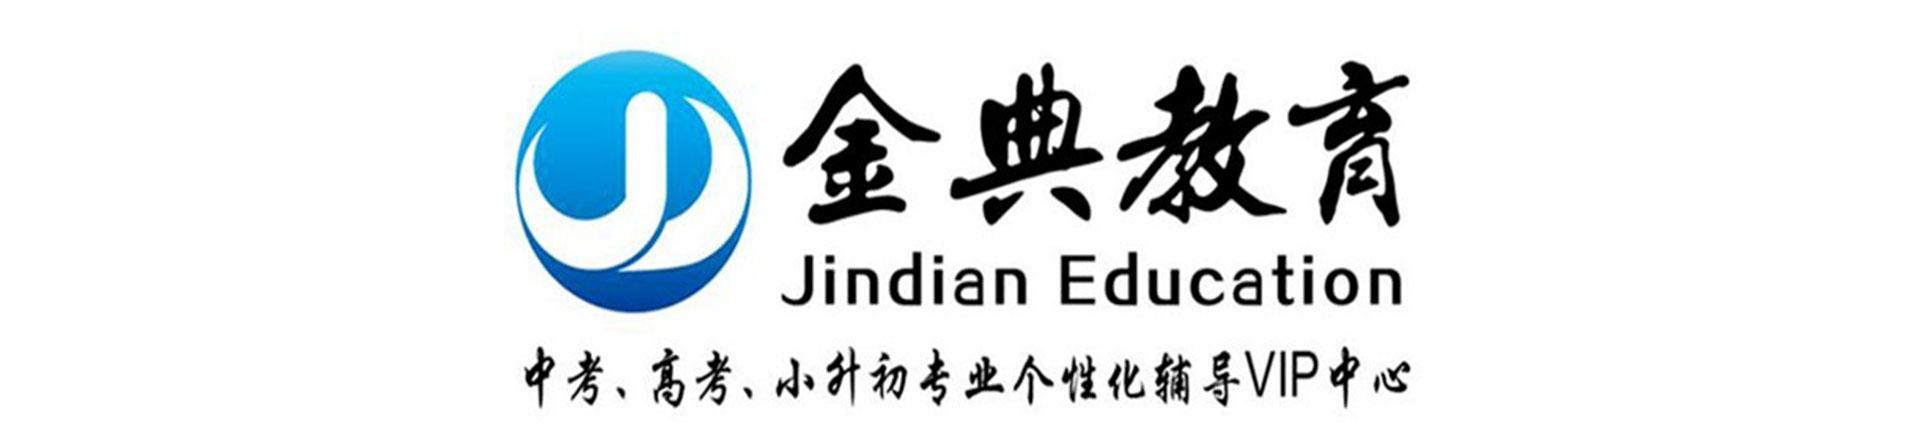 郑州金典教育